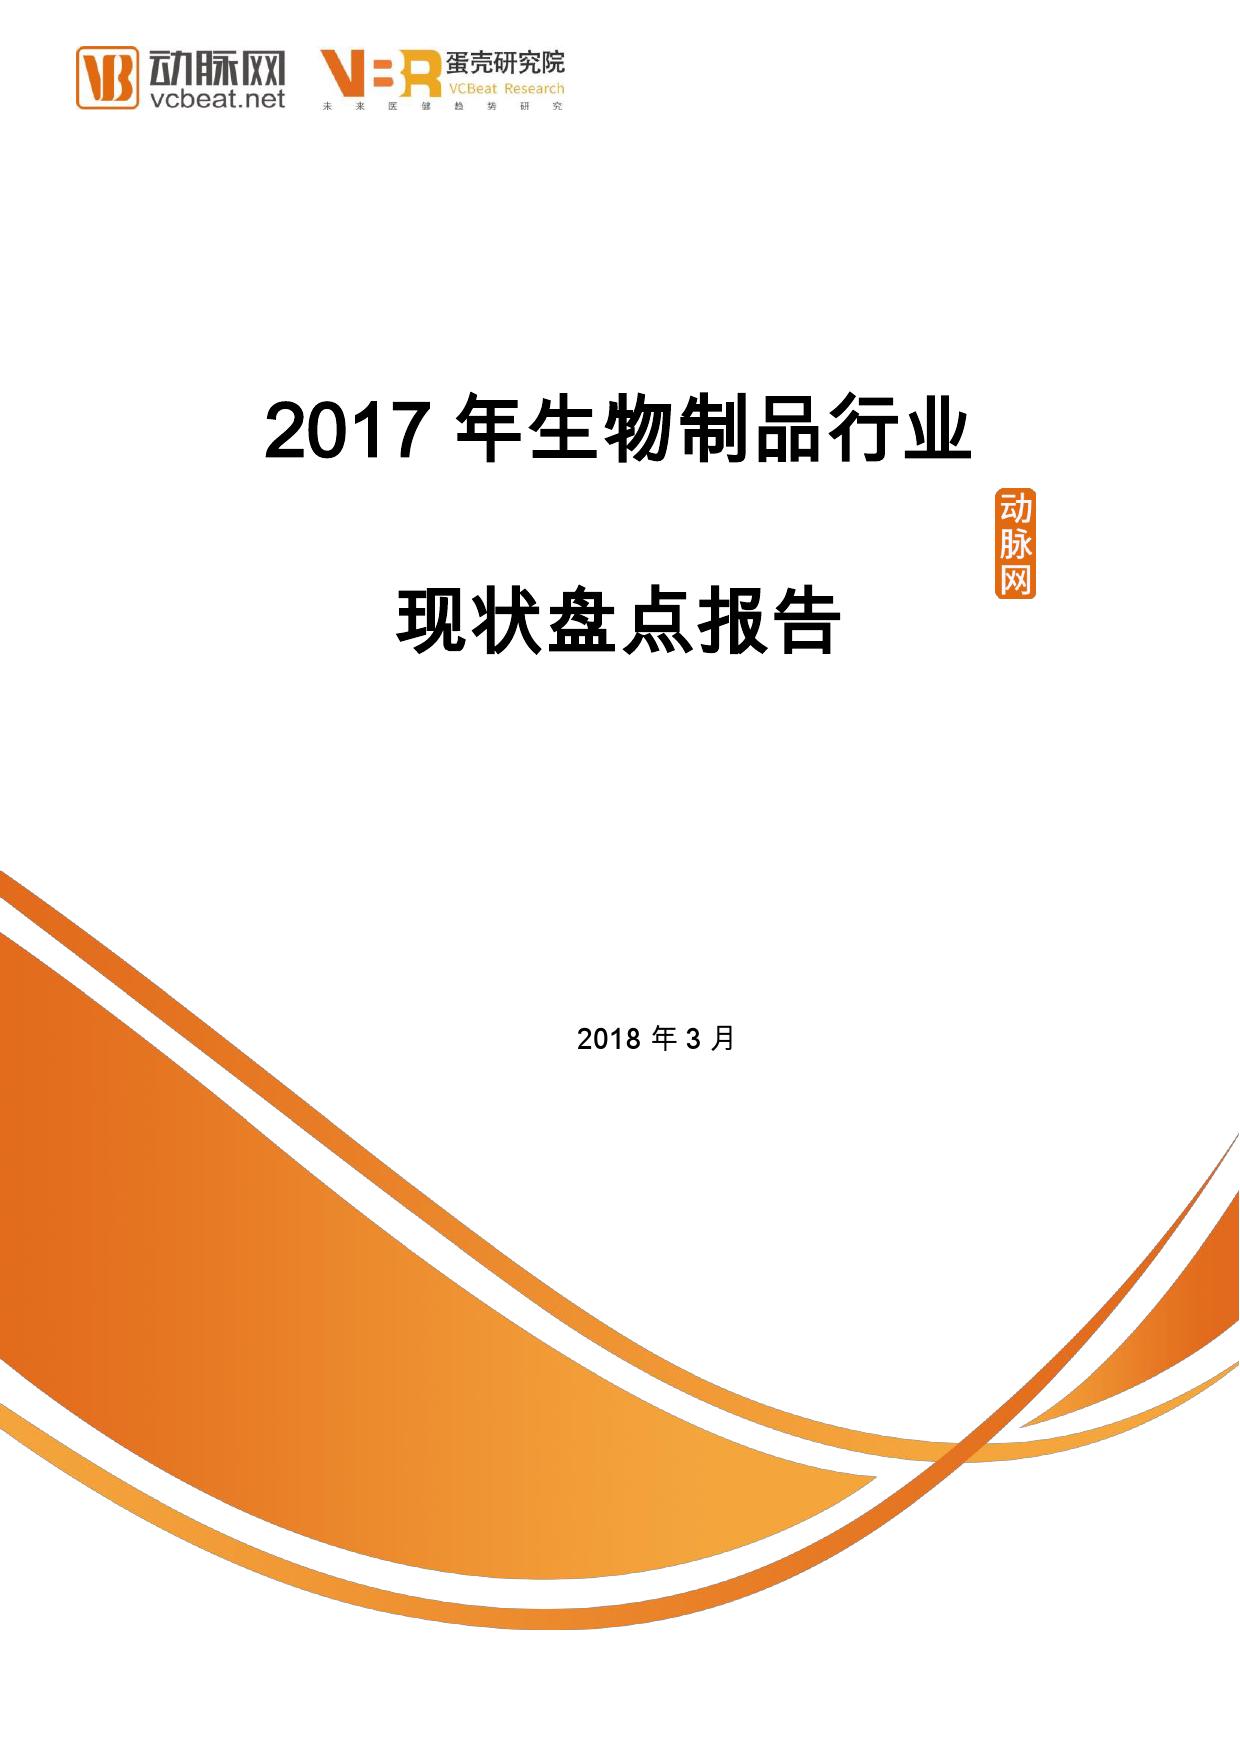 VBR:2017年生物制品行业现状盘点报告(附下载)